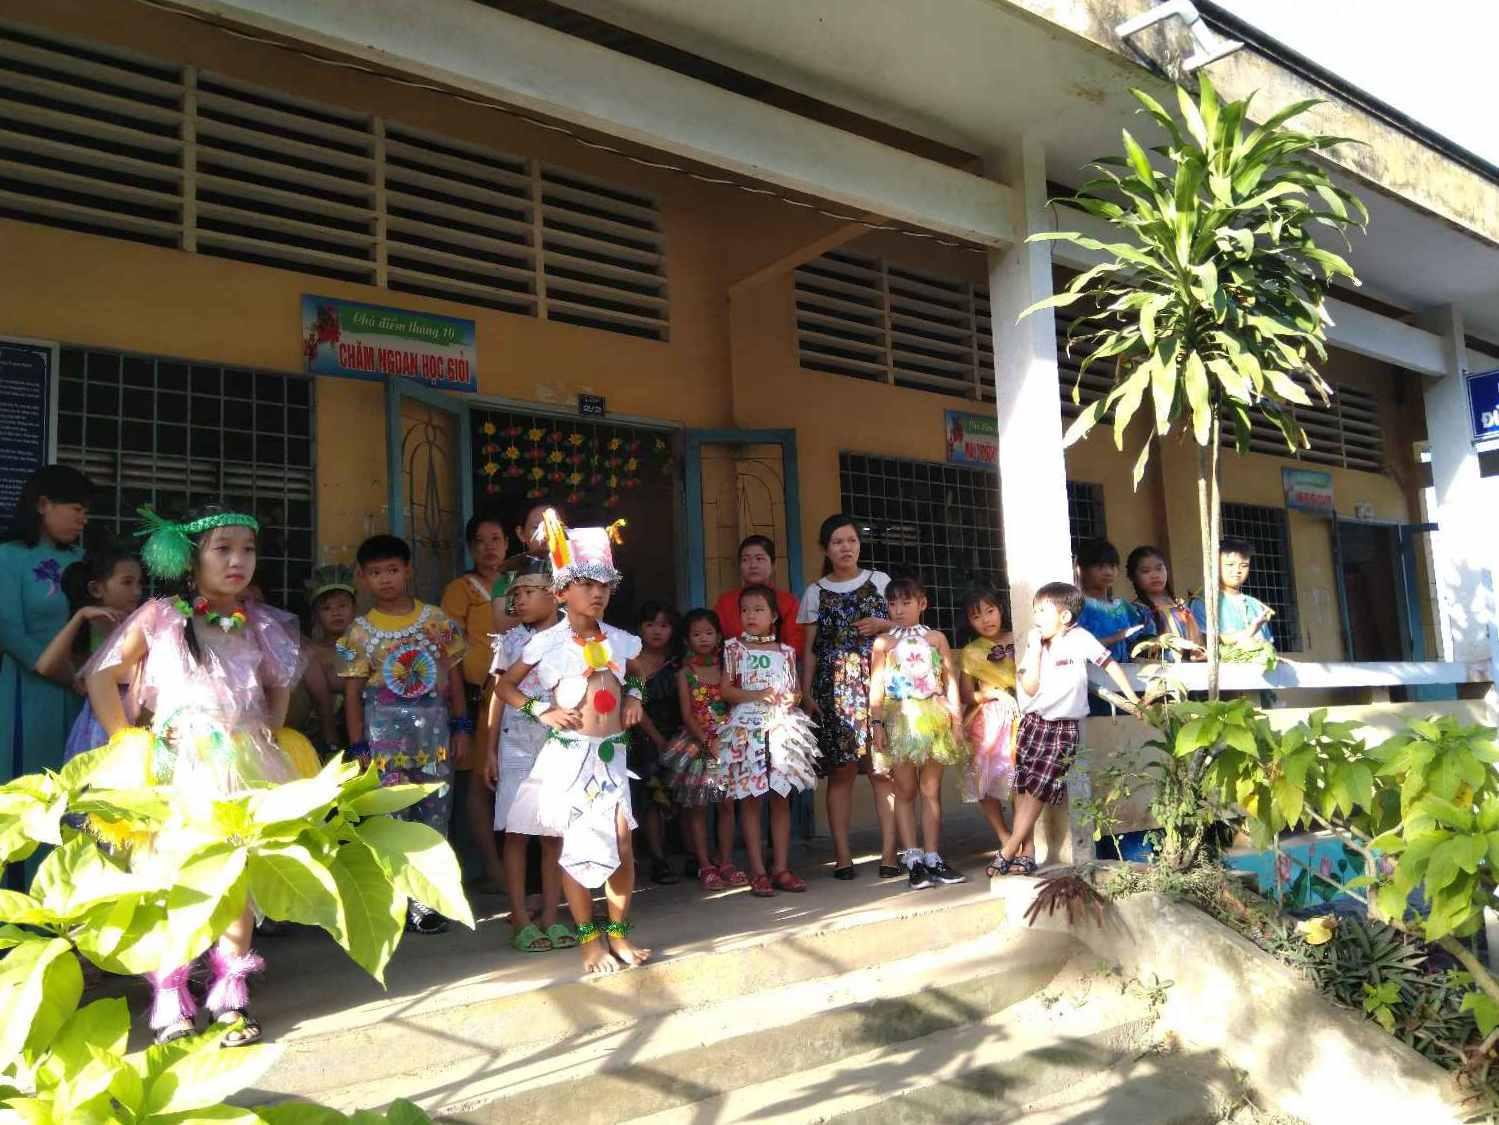 Công tác chuẩn bị và các thi sinh đã chuẩn bị sẵn sàng bước vào cuộc thi biểu diaãn thời trang